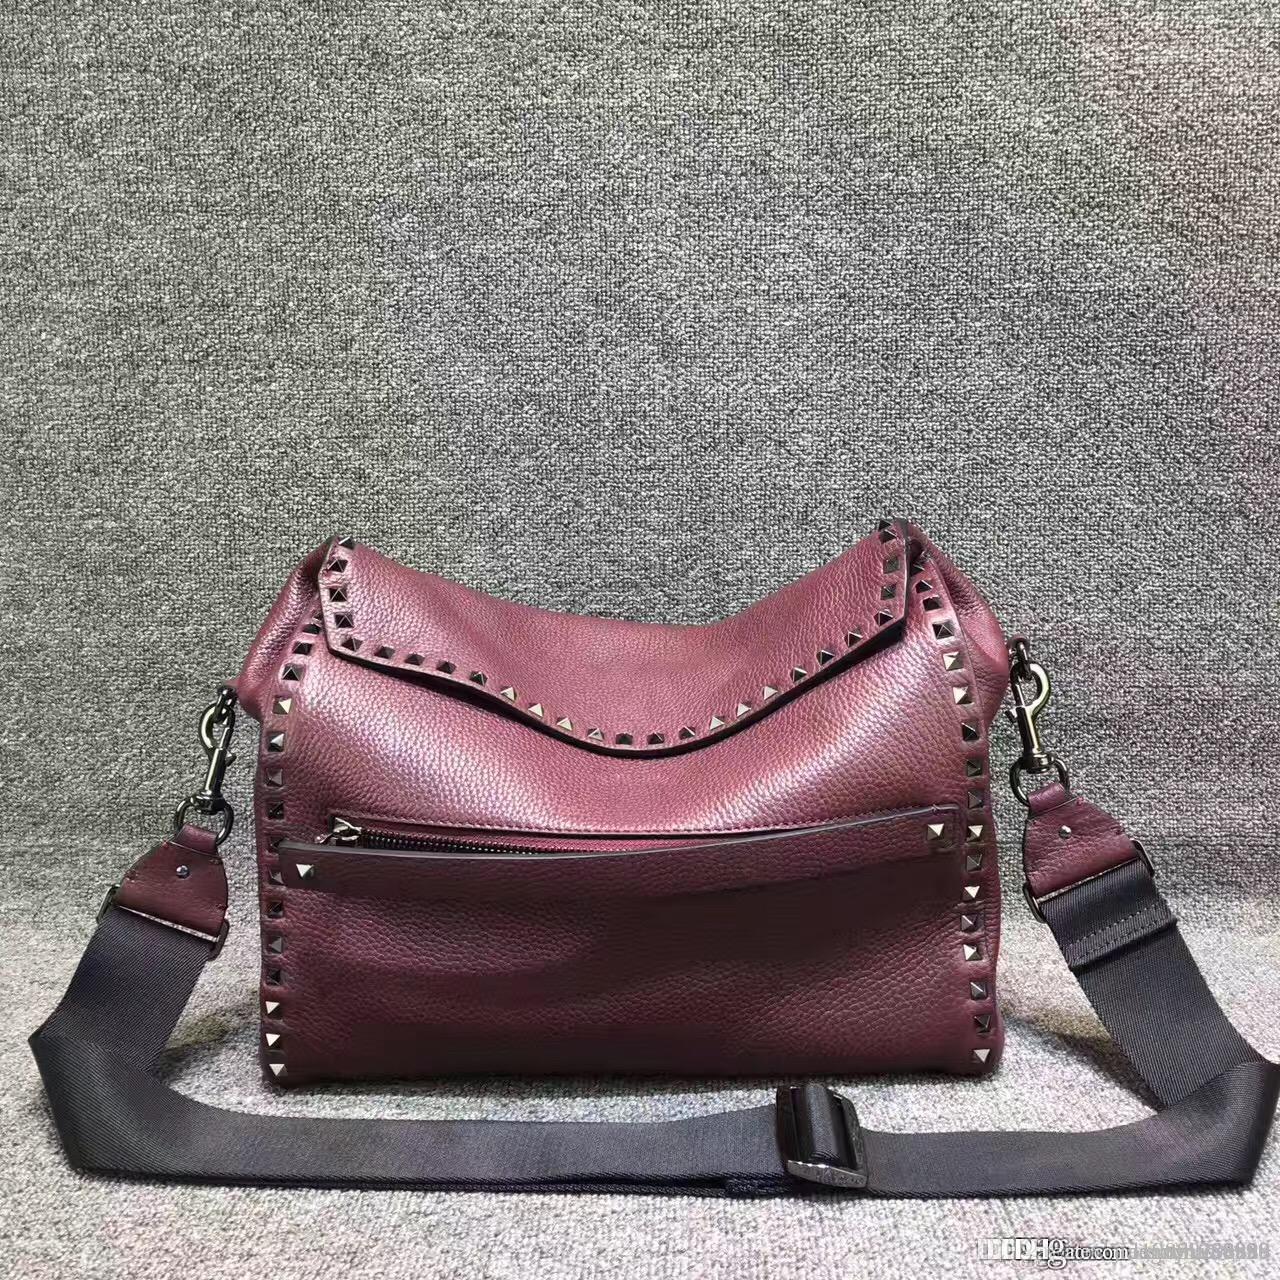 55b08ce4f074 женщина мода сумка из натуральной кожи кошелек заклепки плеча тотализатор  рок шпильки Леди дорожная сумка лоскутное ремень messenger женские сумки